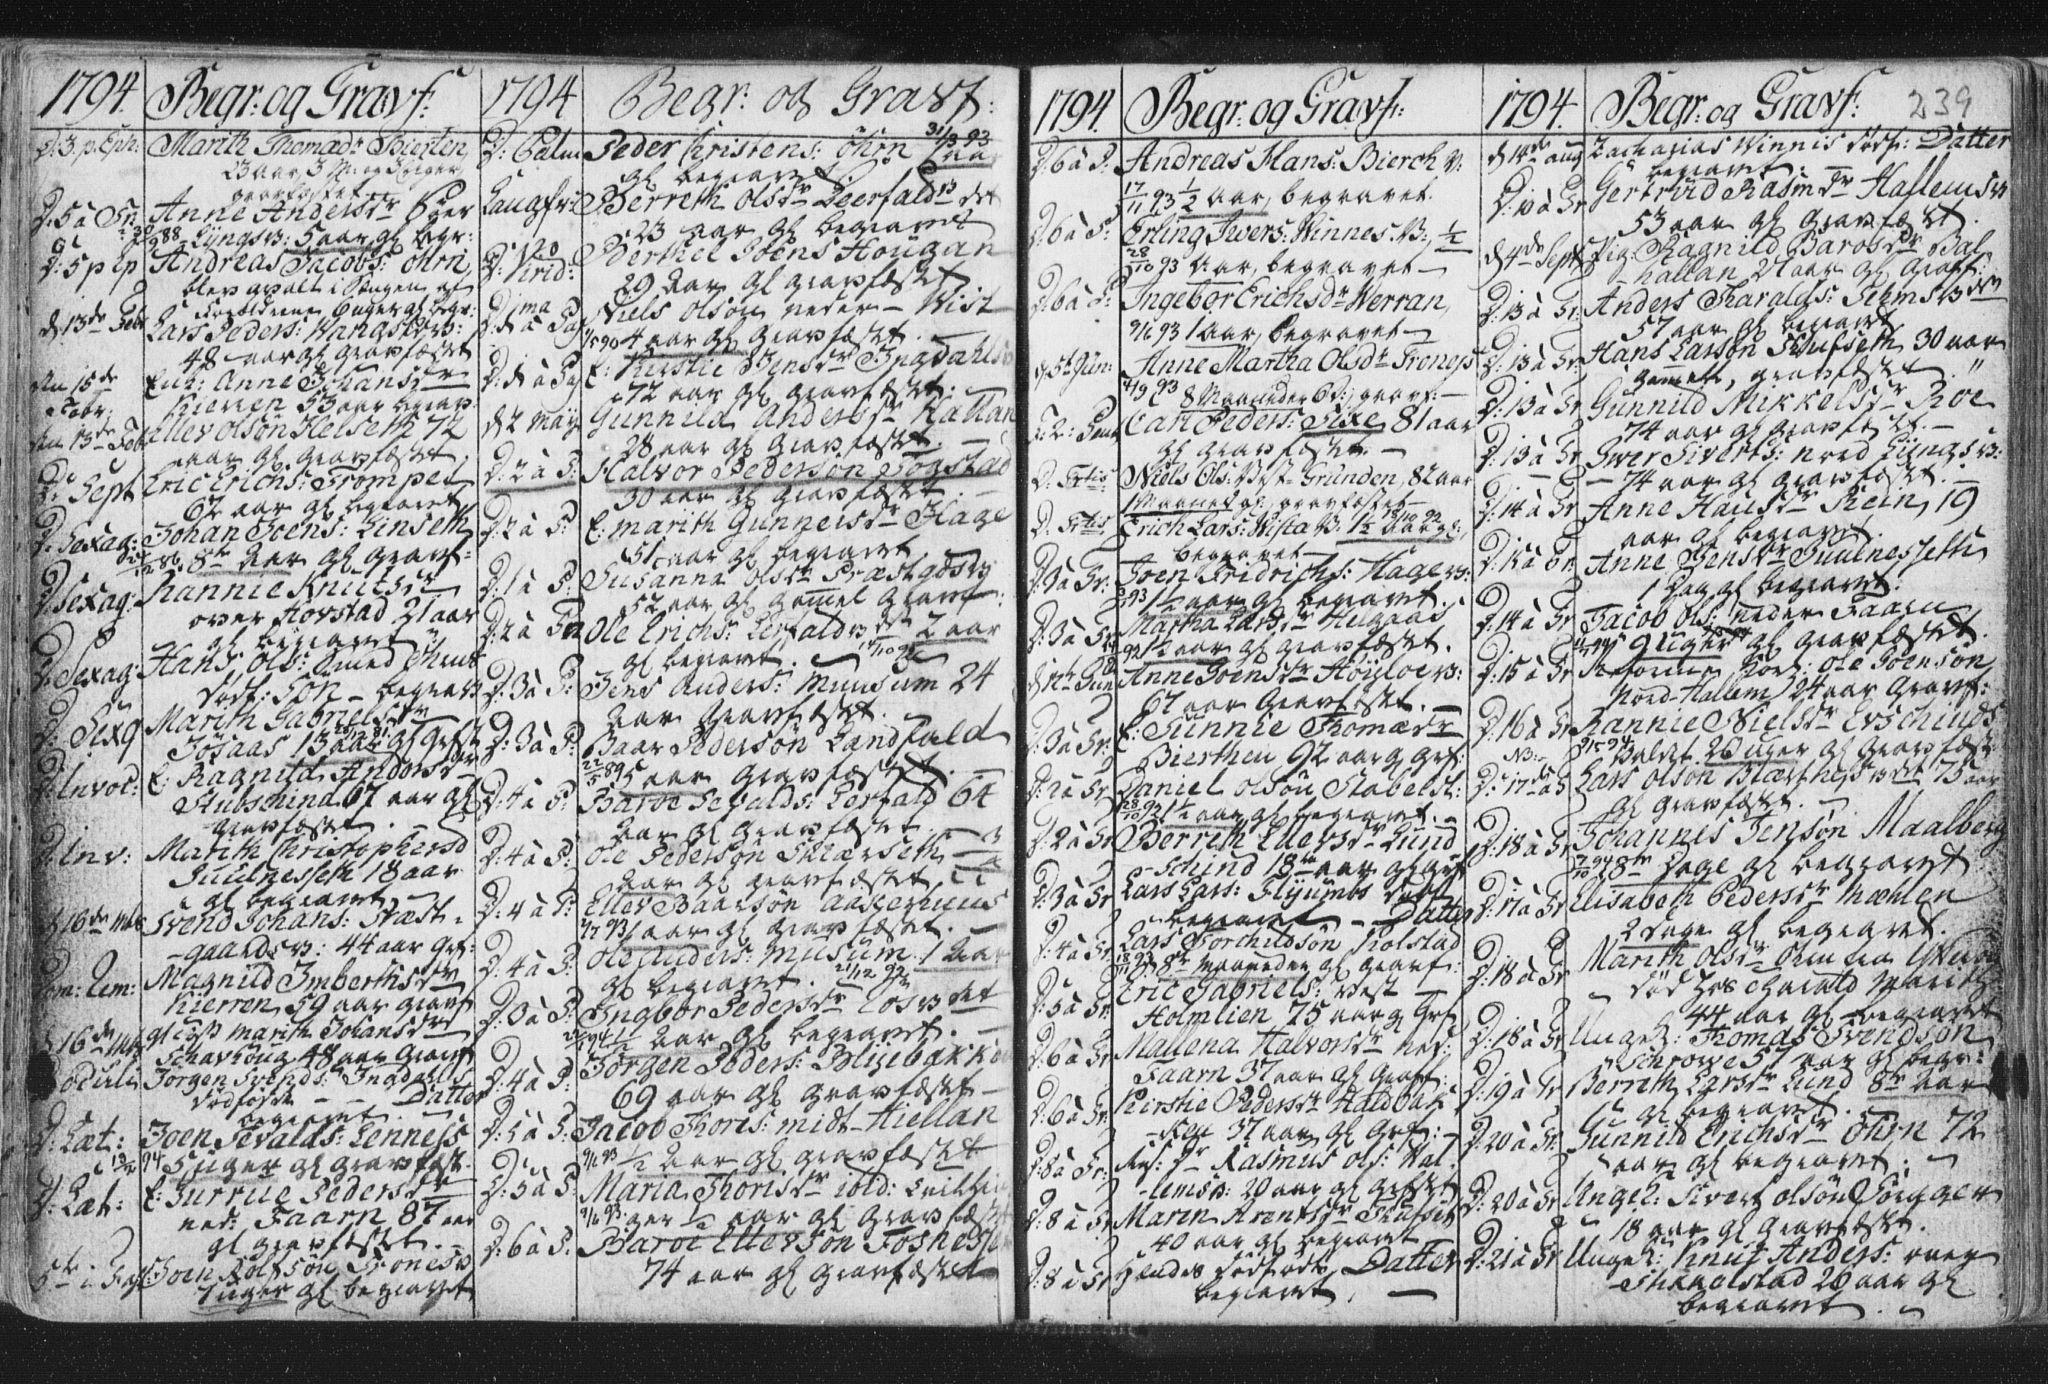 SAT, Ministerialprotokoller, klokkerbøker og fødselsregistre - Nord-Trøndelag, 723/L0232: Ministerialbok nr. 723A03, 1781-1804, s. 239